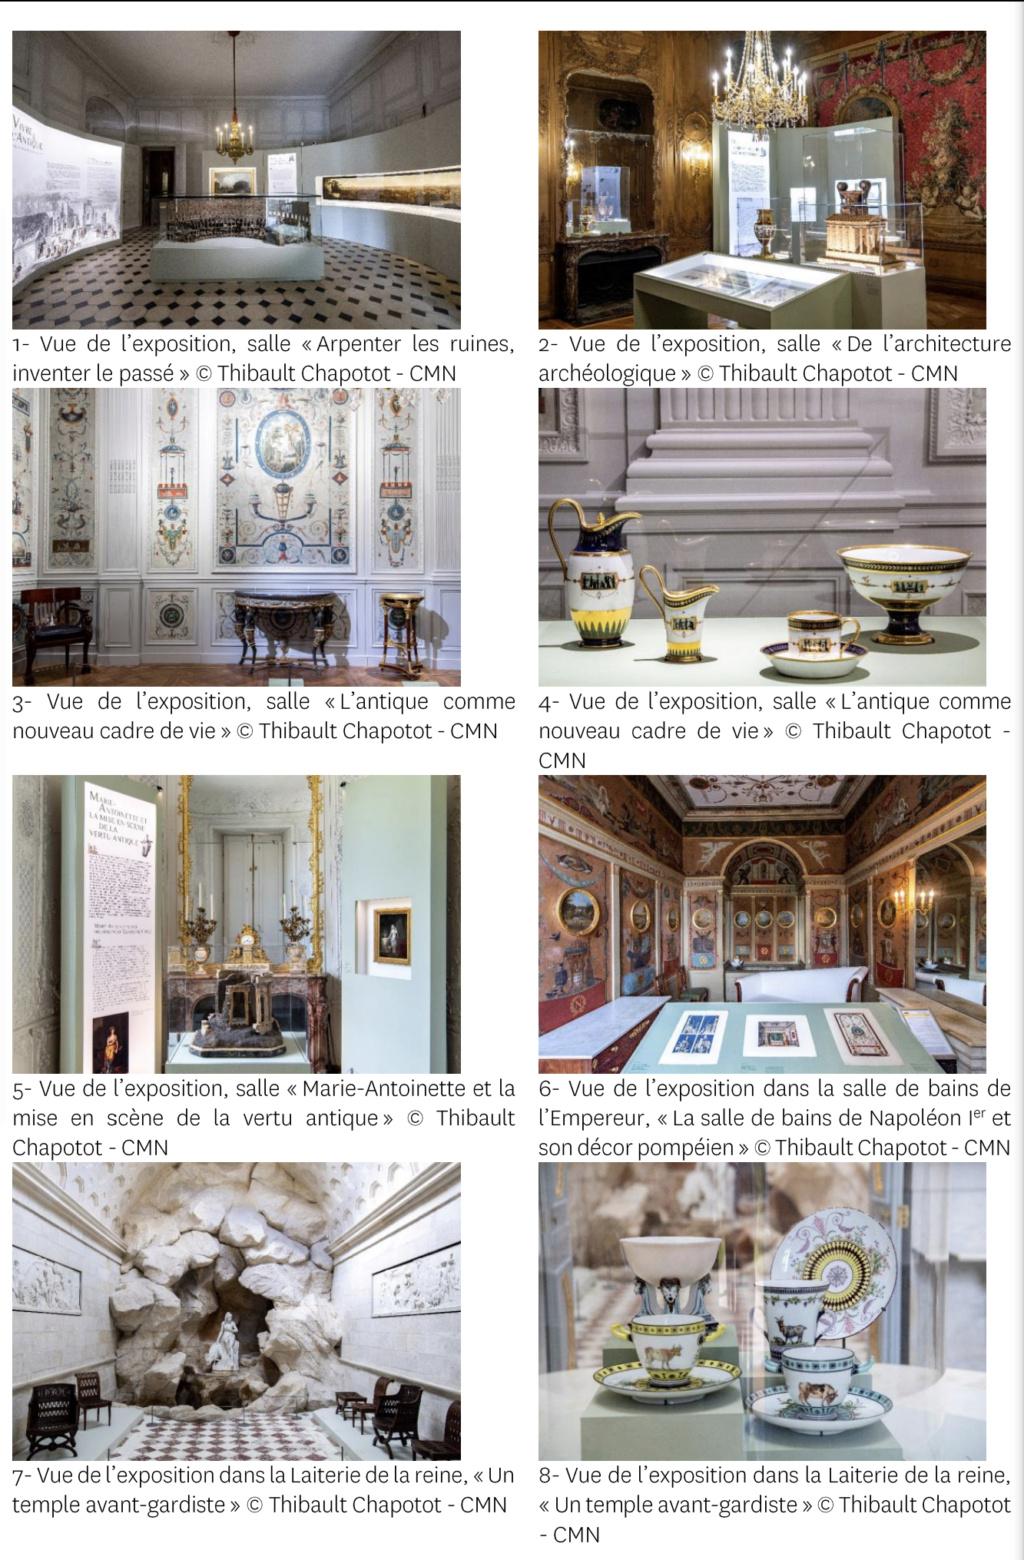 """Exposition """" Vivre à l'antique, de Marie-Antoinette à Napoléon Ier """" - Château de Rambouillet - Page 2 Capt2968"""